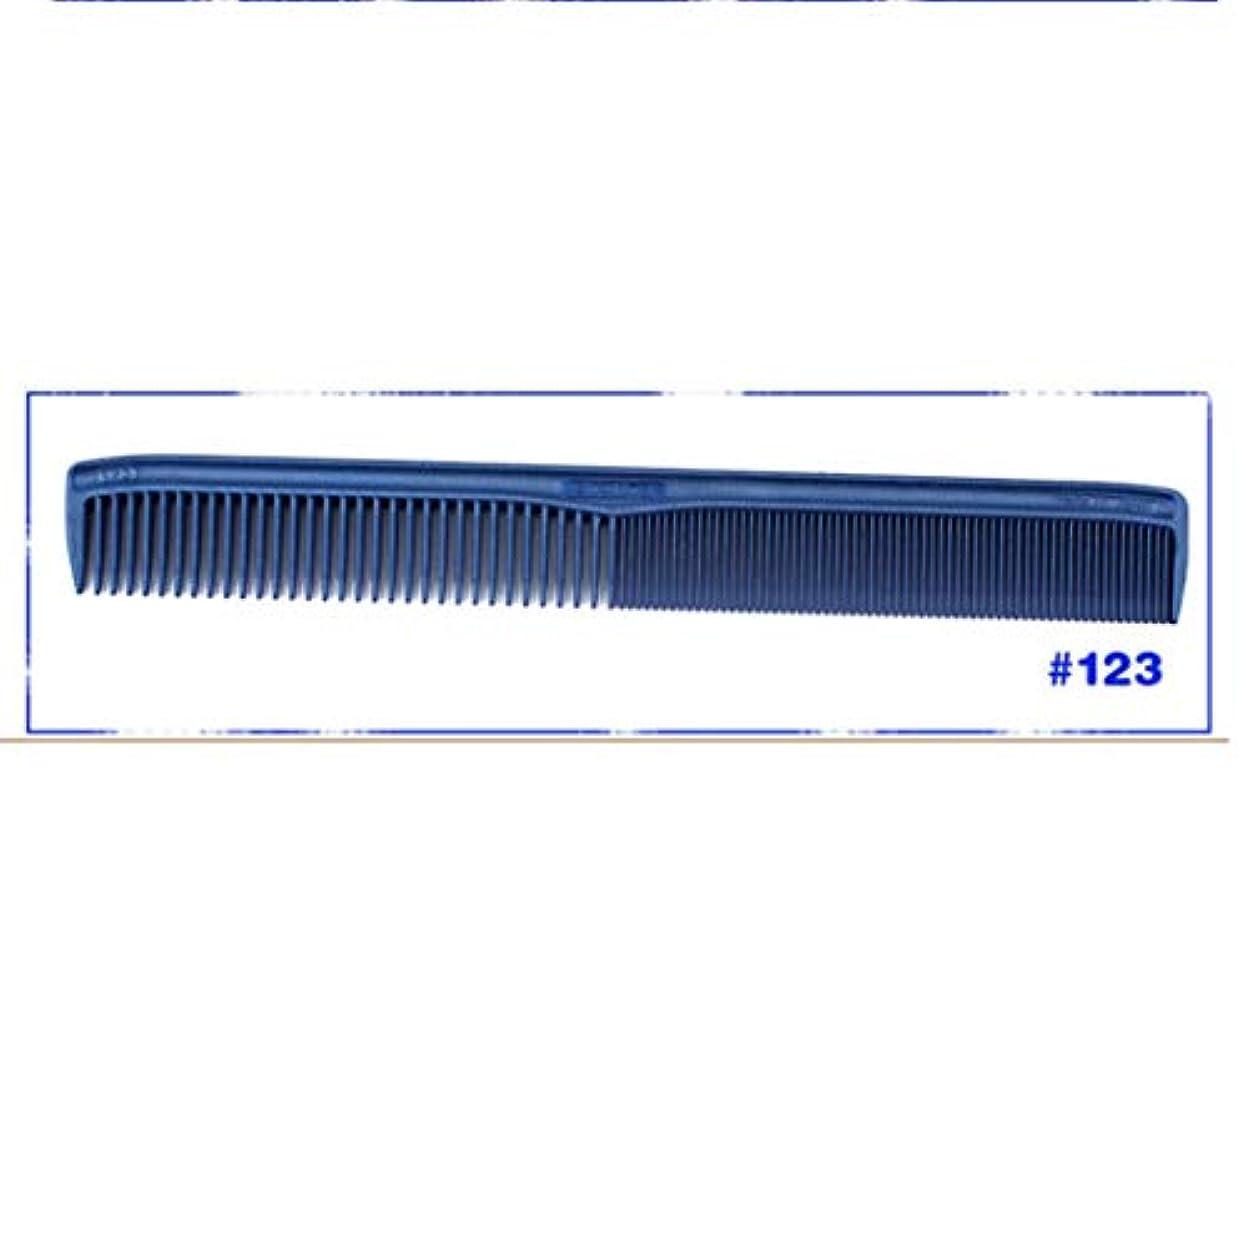 蓮衰えるテロリスト人のための超薄いハンドルの櫛または女性または人のプラスチック櫛のためのWome-Professional 3Dの毛の櫛 ヘアケア (サイズ : 123)